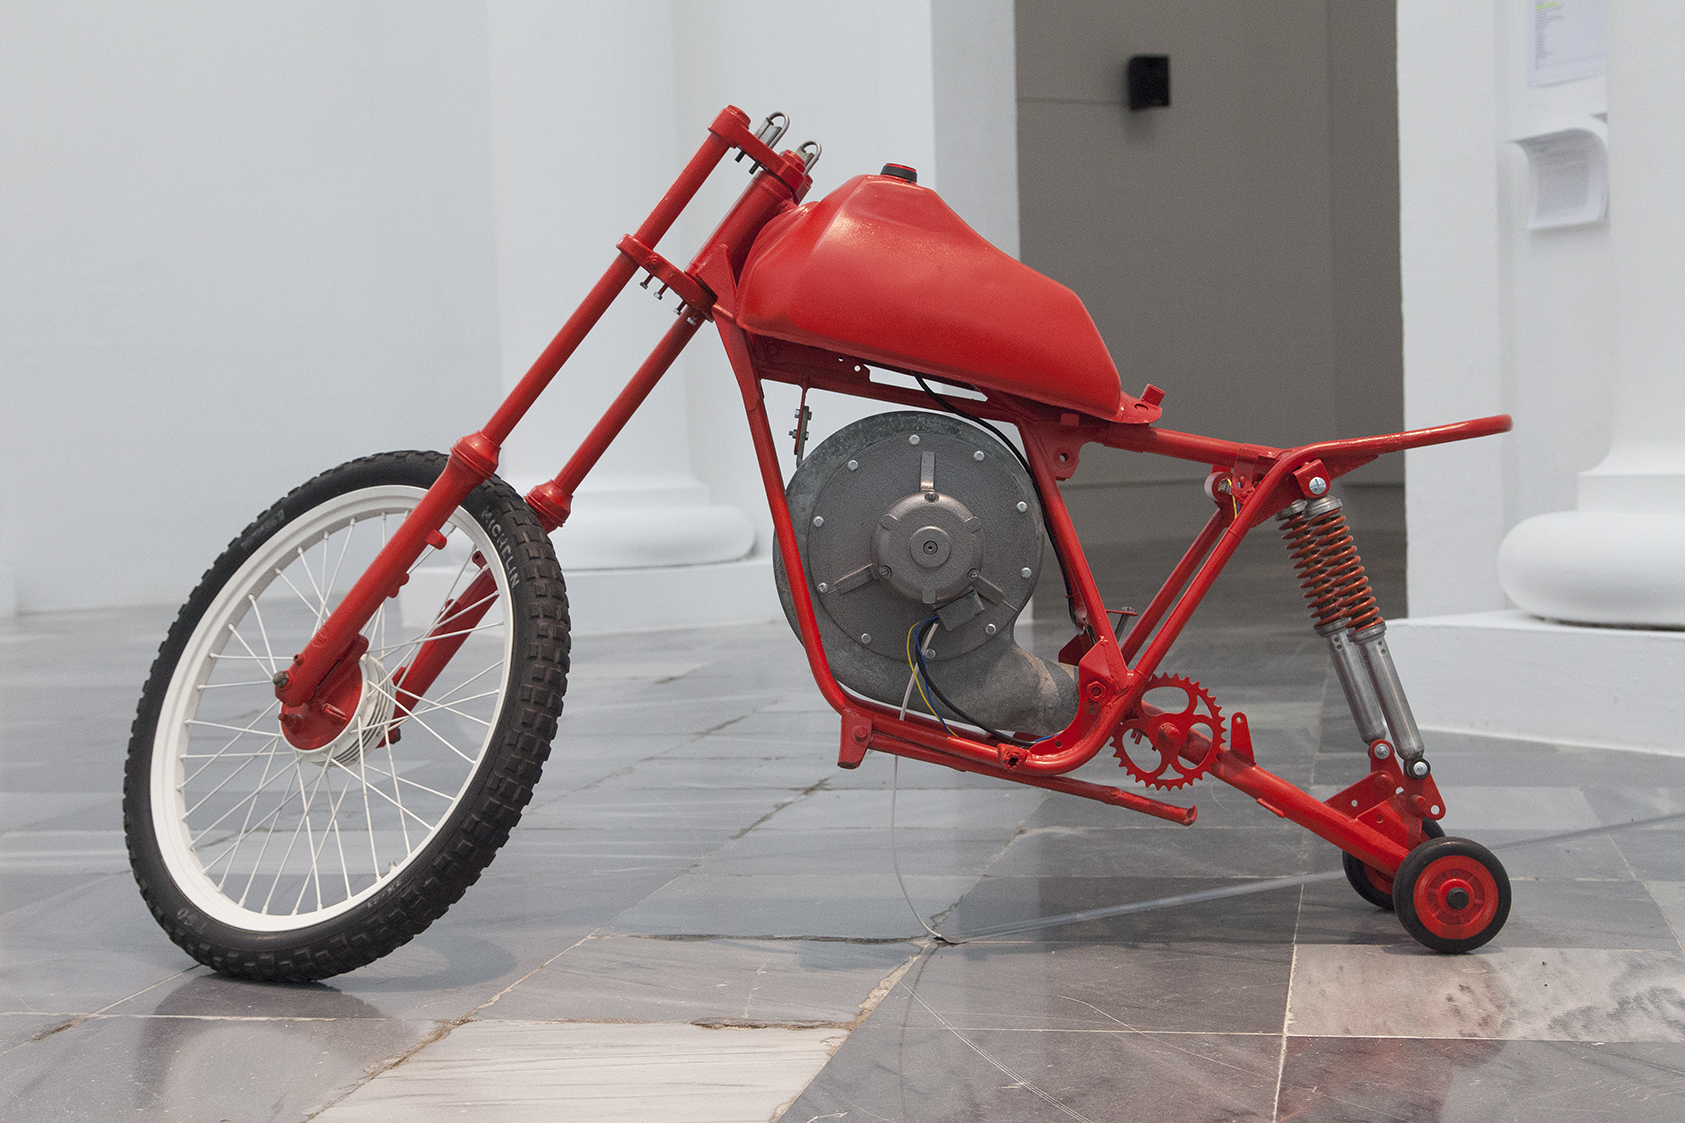 Bimotor. Turbo cabra rampante, 2011  Hierro, esmalte, vinilo adhesivo y motor / 99 x 37 x 172,5 cm. Foto: Nacho López. Imagen cortesía de los artistas y Galería Aural.